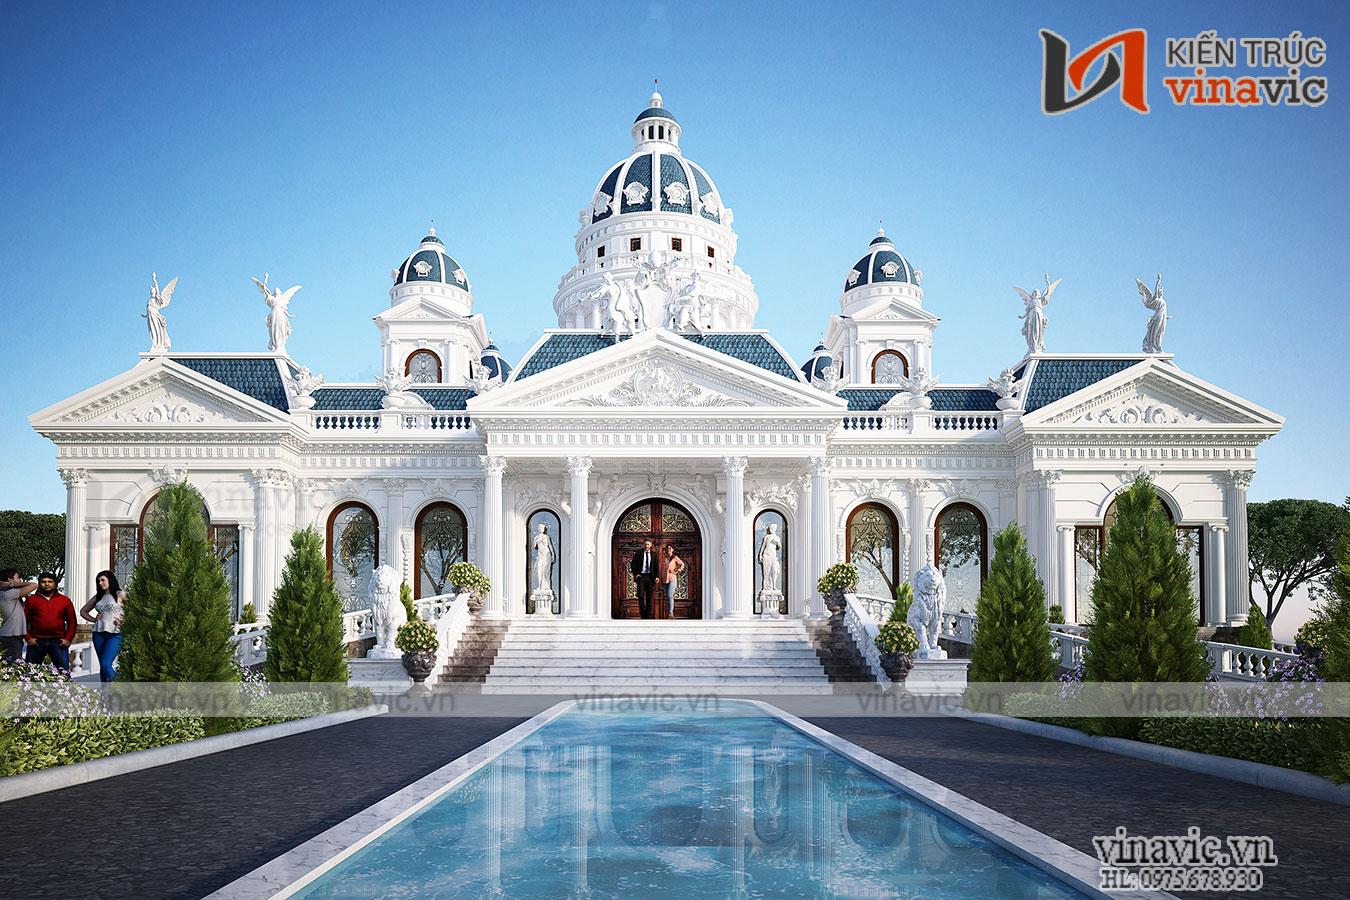 Thiết kế dinh thự 1 tầng phong cách cổ điển nguy nga bề thế